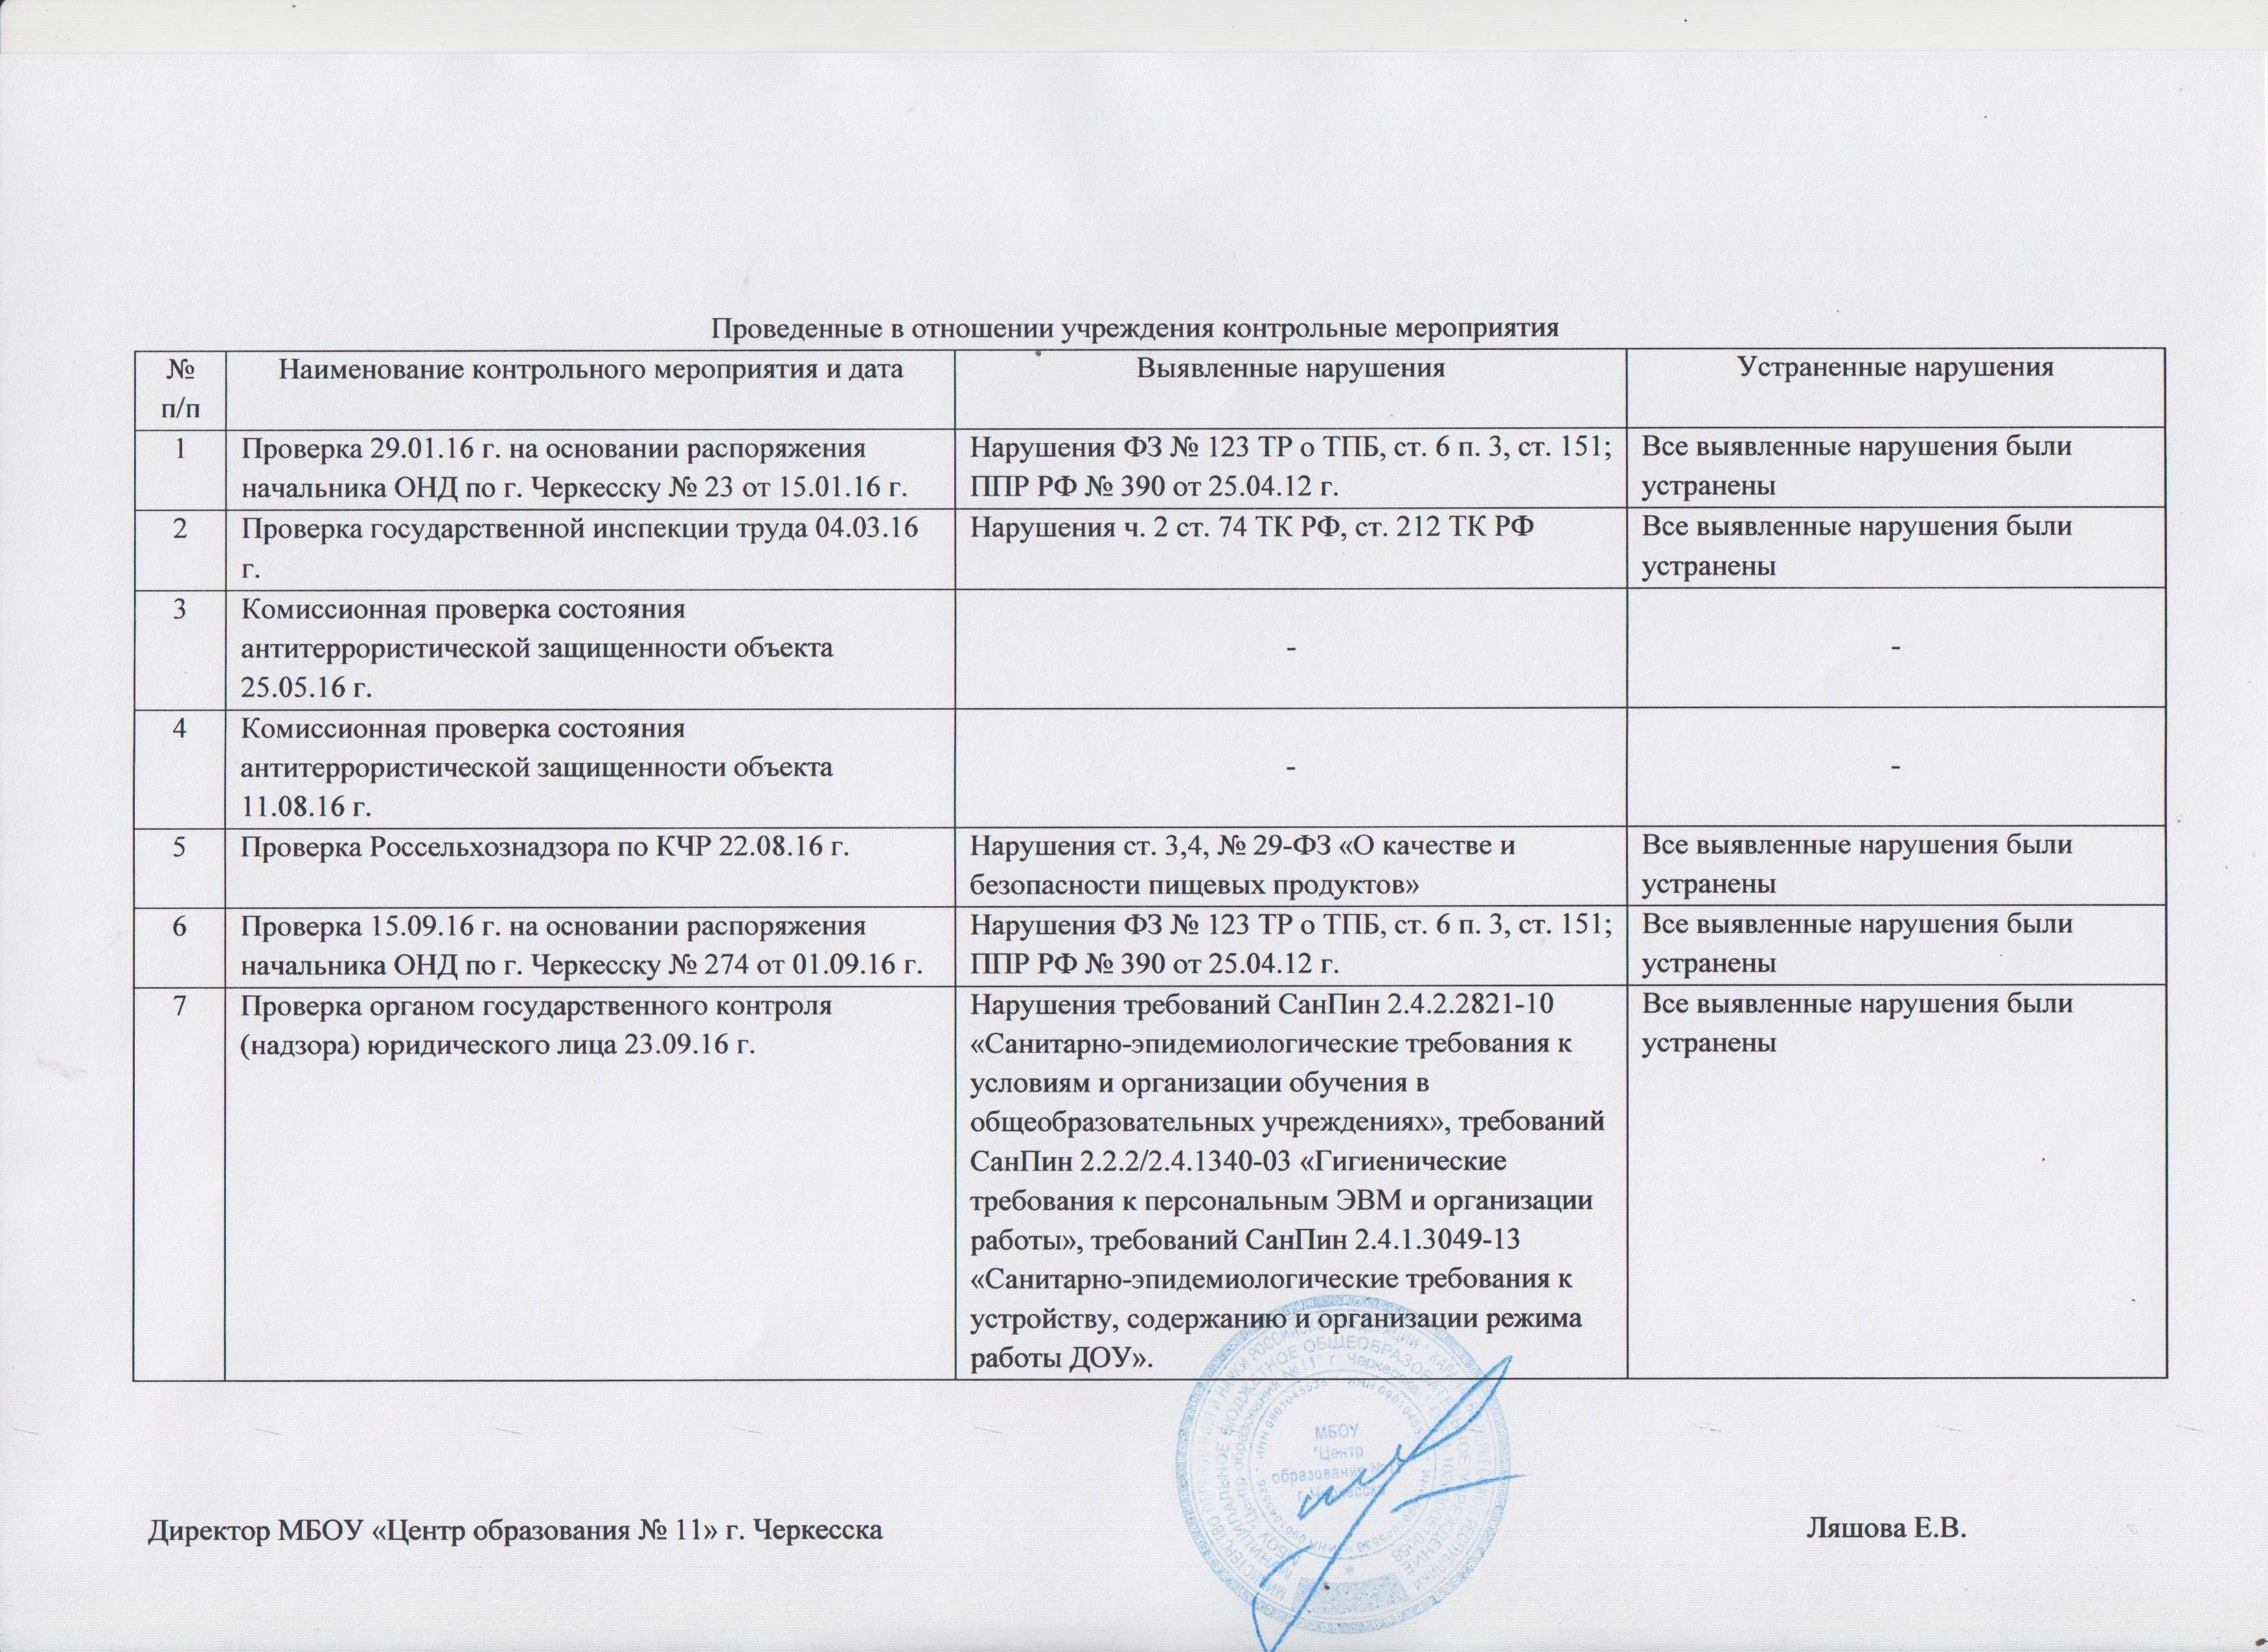 Сведения о проведении в отношении учреждения контрольных  Сведения о проведении в отношении учреждения контрольных мероприятий и их результатах за 2016 год